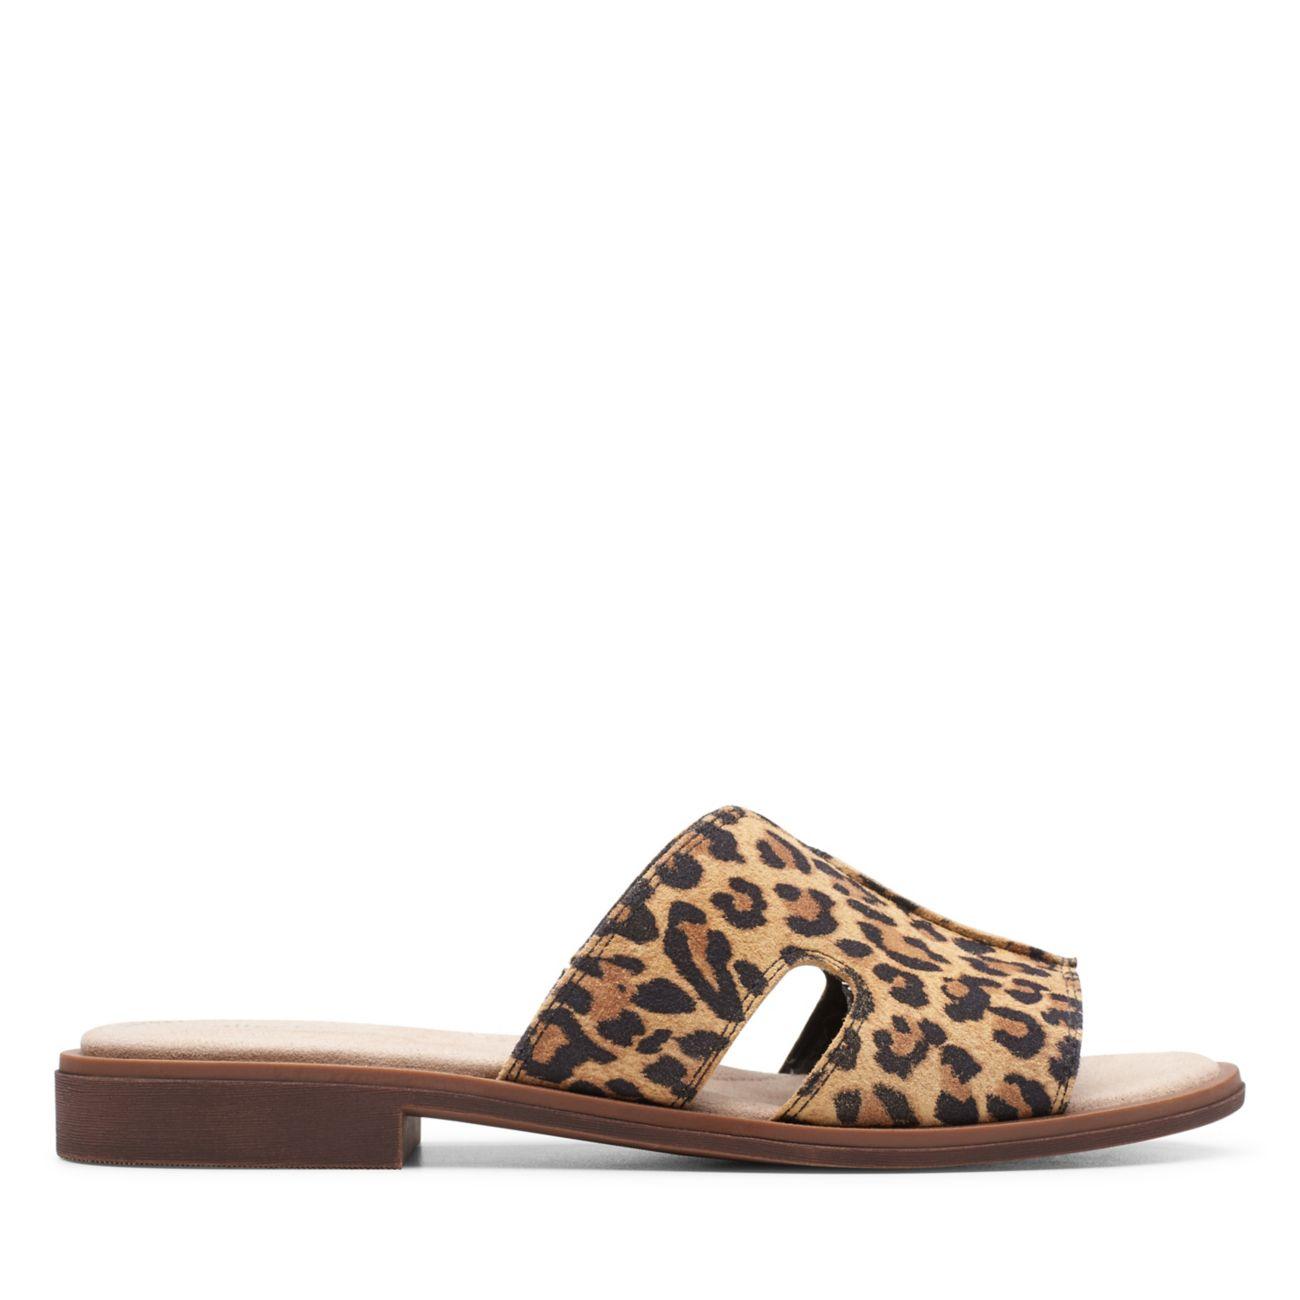 Declan Flo Leopard Print - Clarks® Shoes Official Site | Clarks